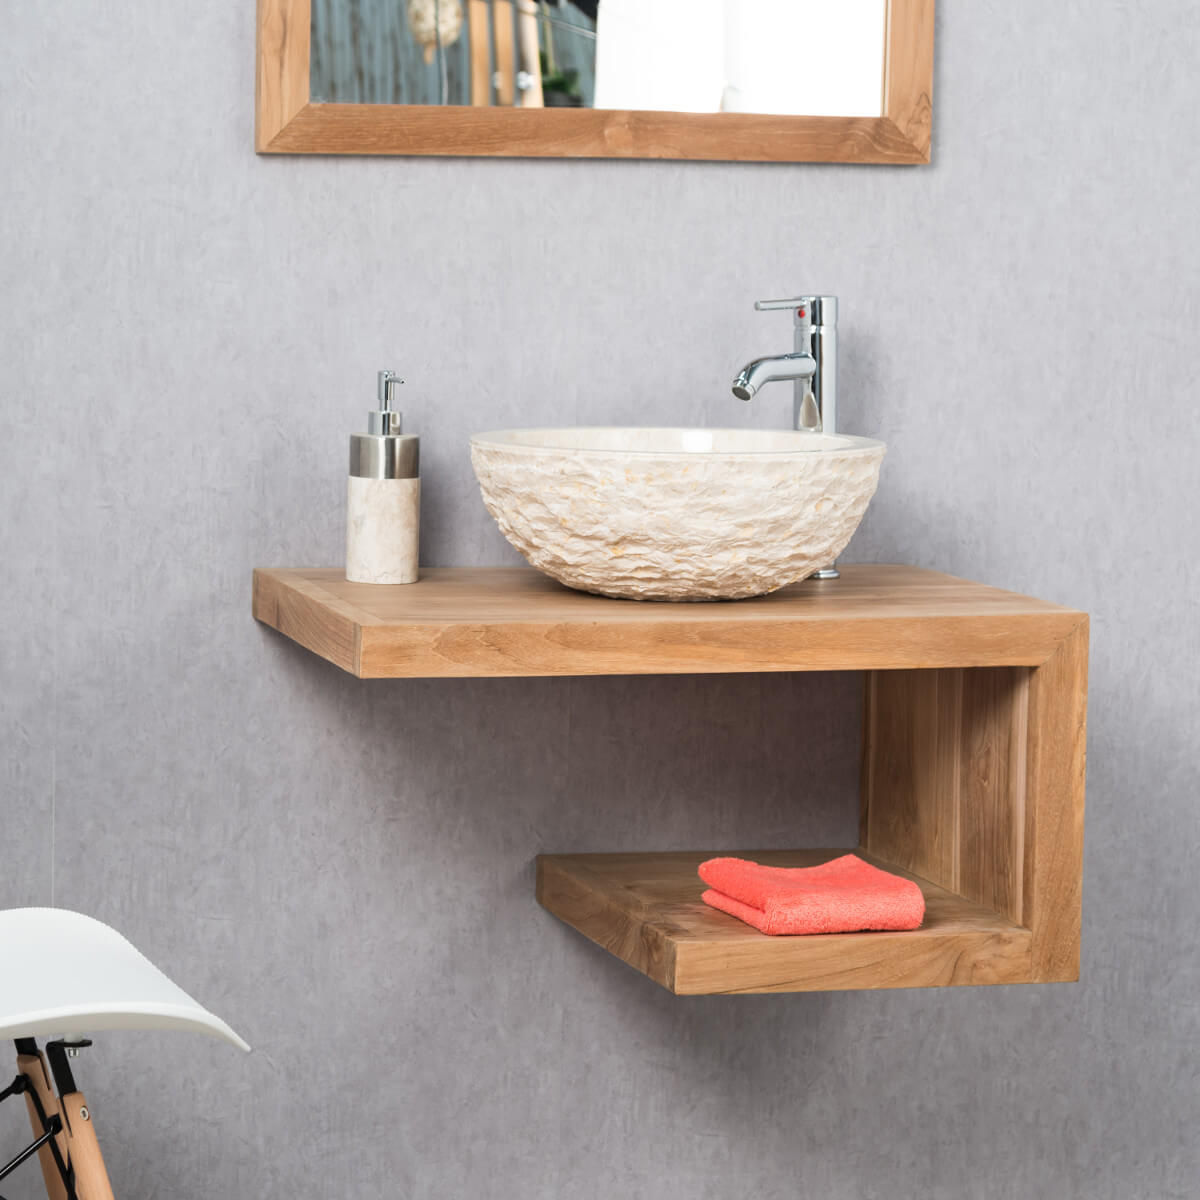 Meuble sous vasque (simple vasque) en bois (teck) massif Pure, rectangle, naturel, L 70 cm # Meuble Sous Vasque Bois Naturel